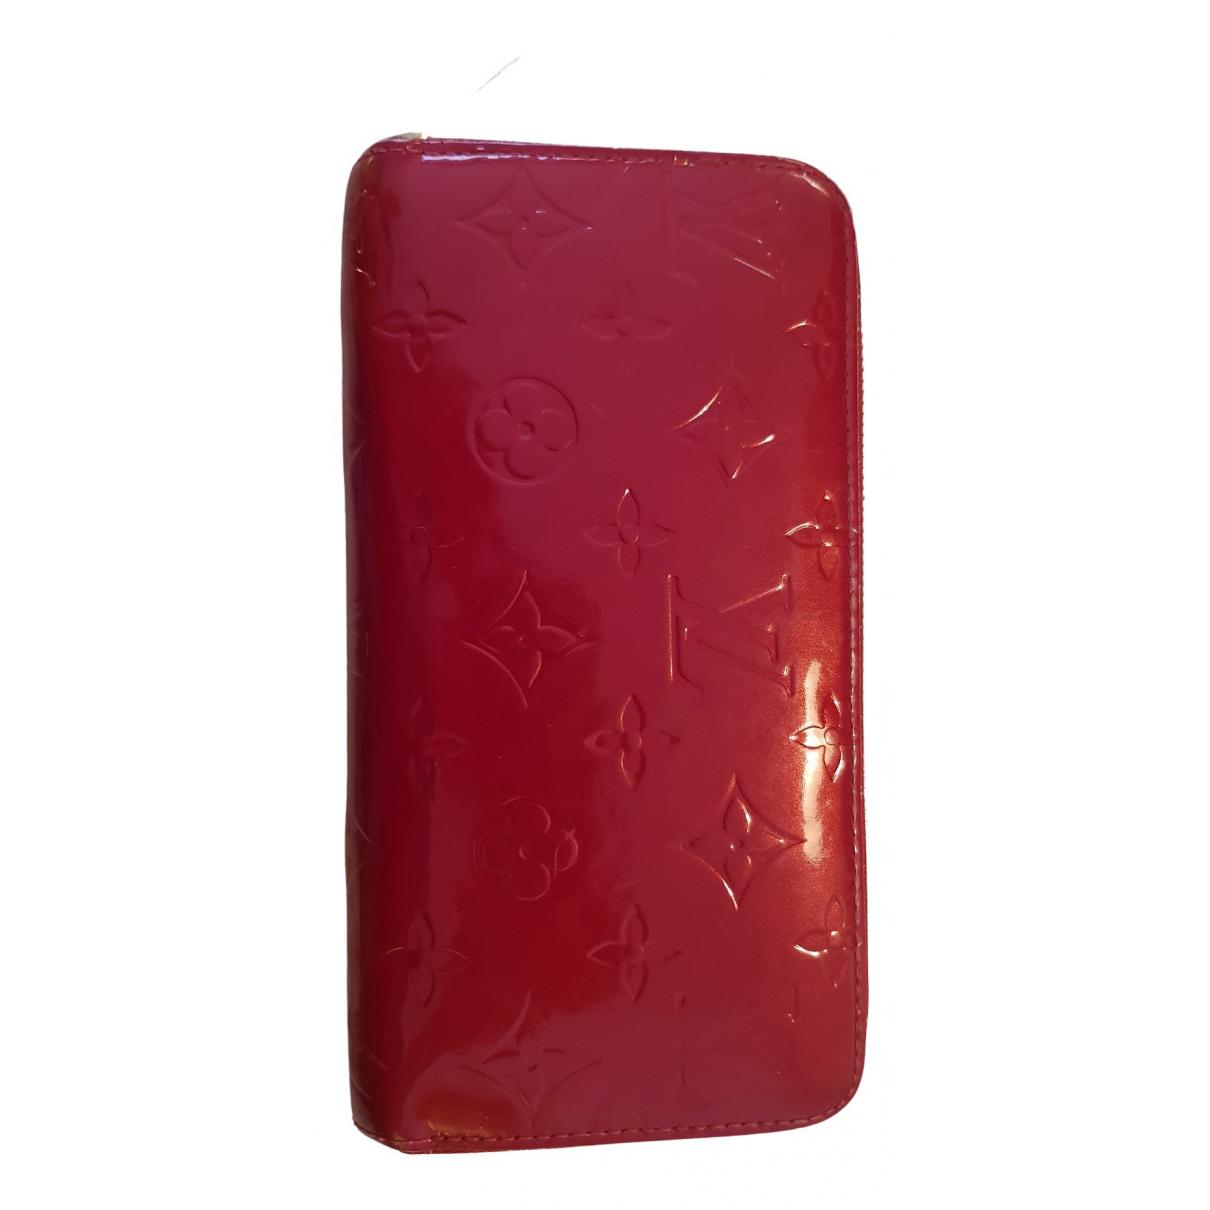 Louis Vuitton - Portefeuille Zippy pour femme en cuir verni - rouge